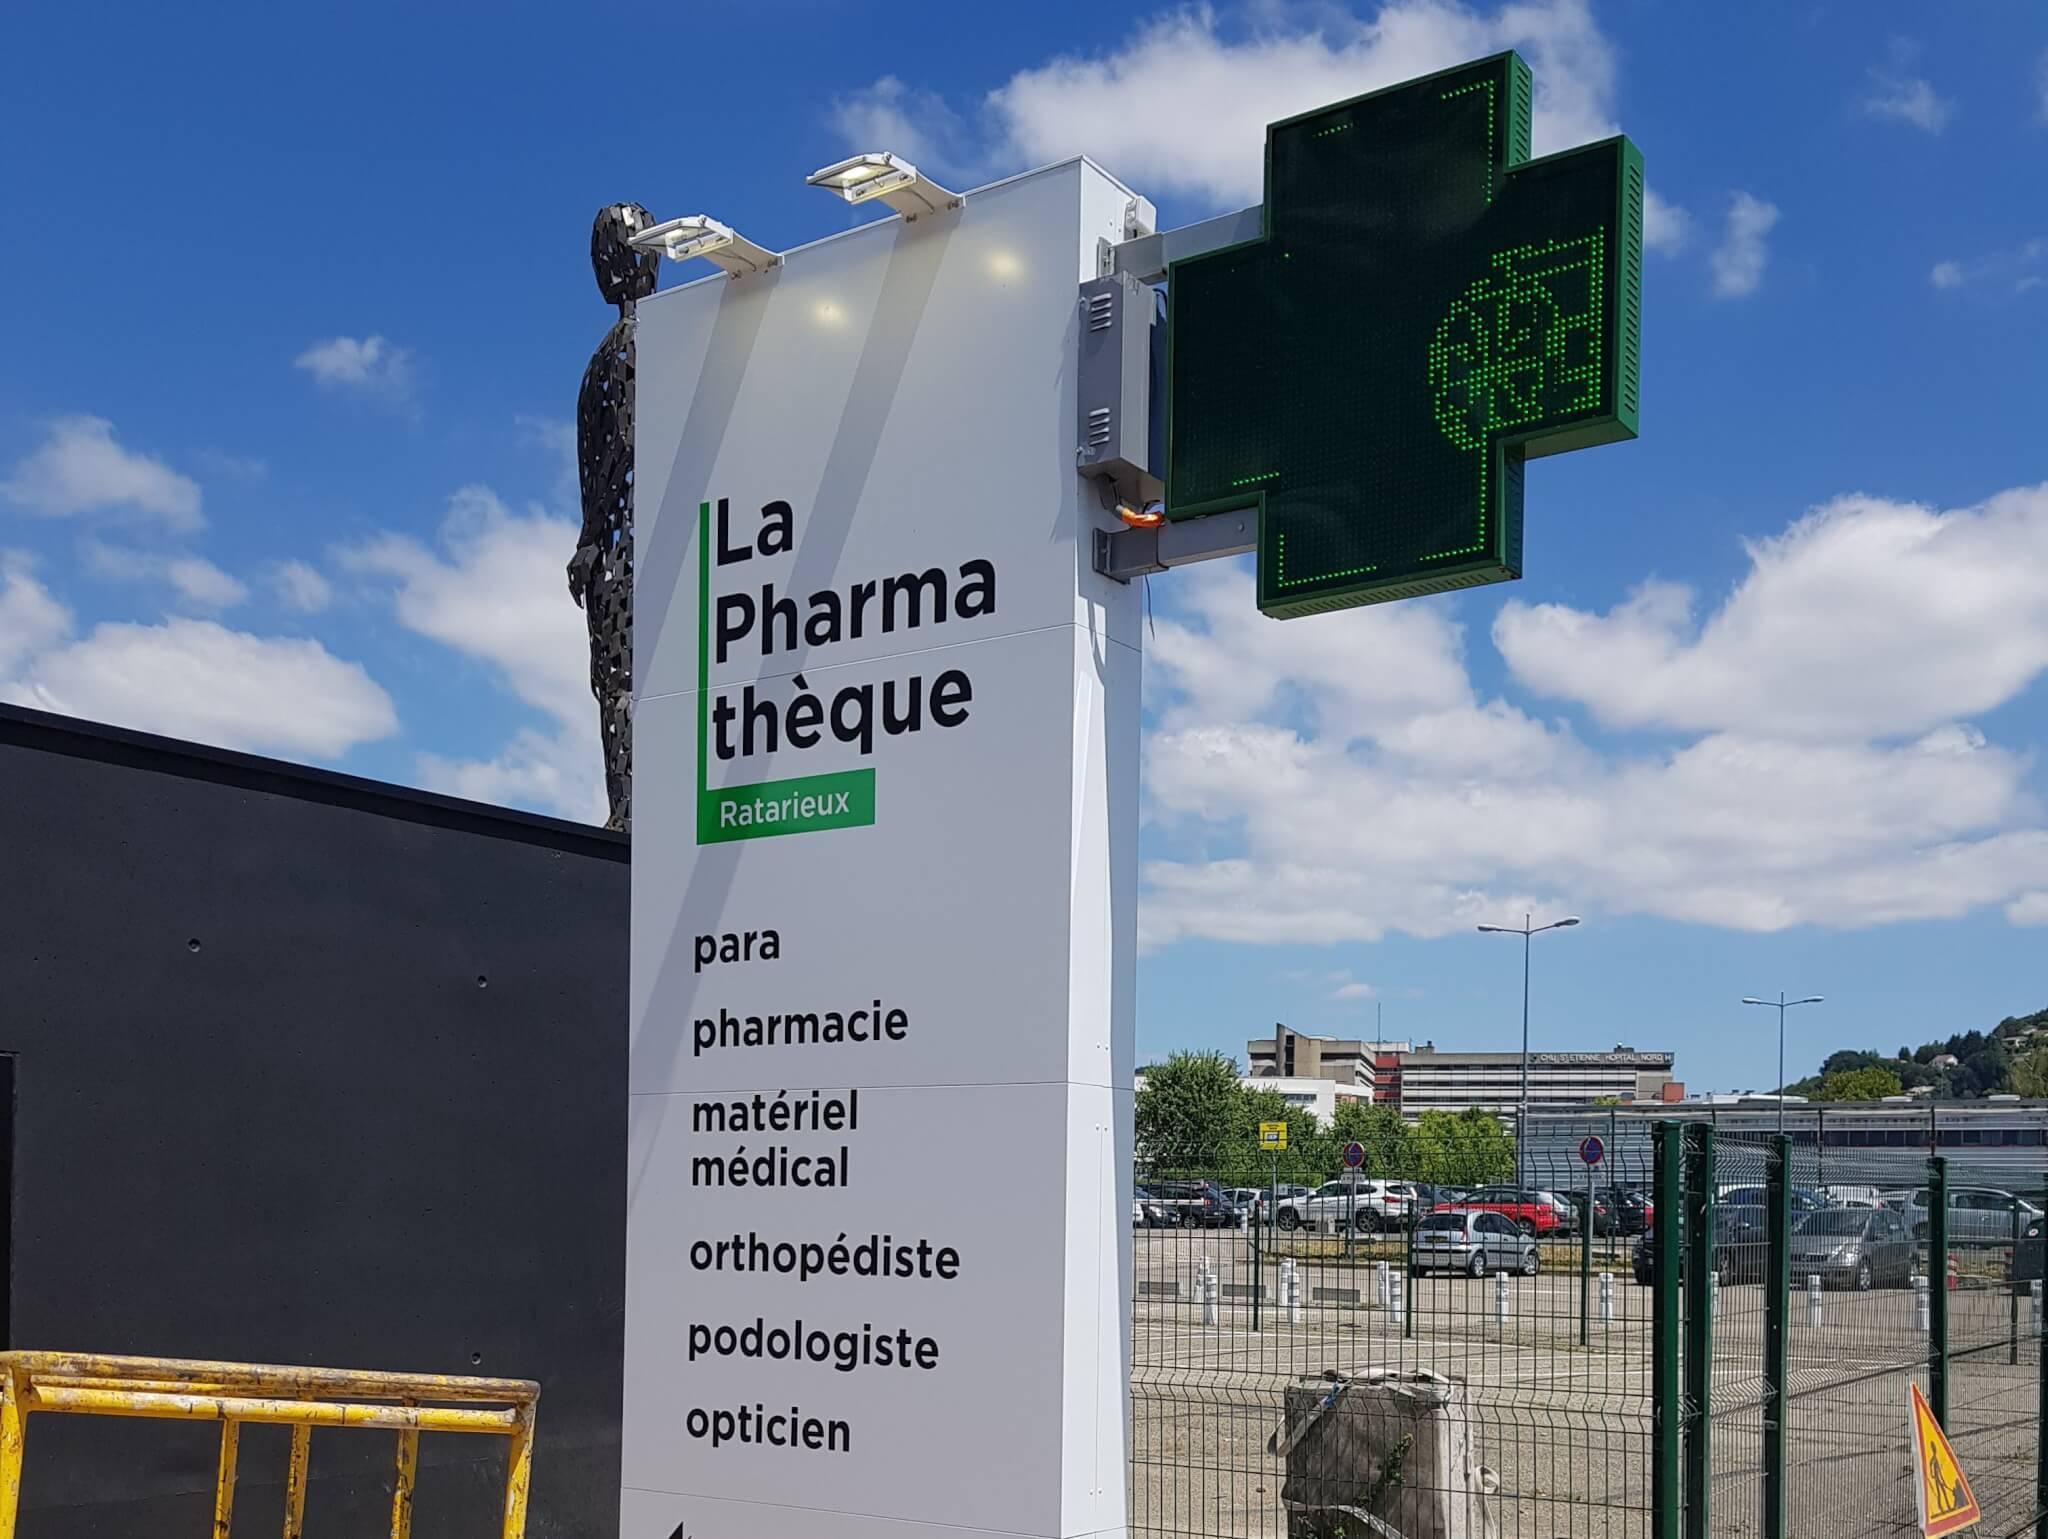 Enseignes de Pharmacie - Totem pour Pharmathèque Ratarieux- SES Grigny-Rhône